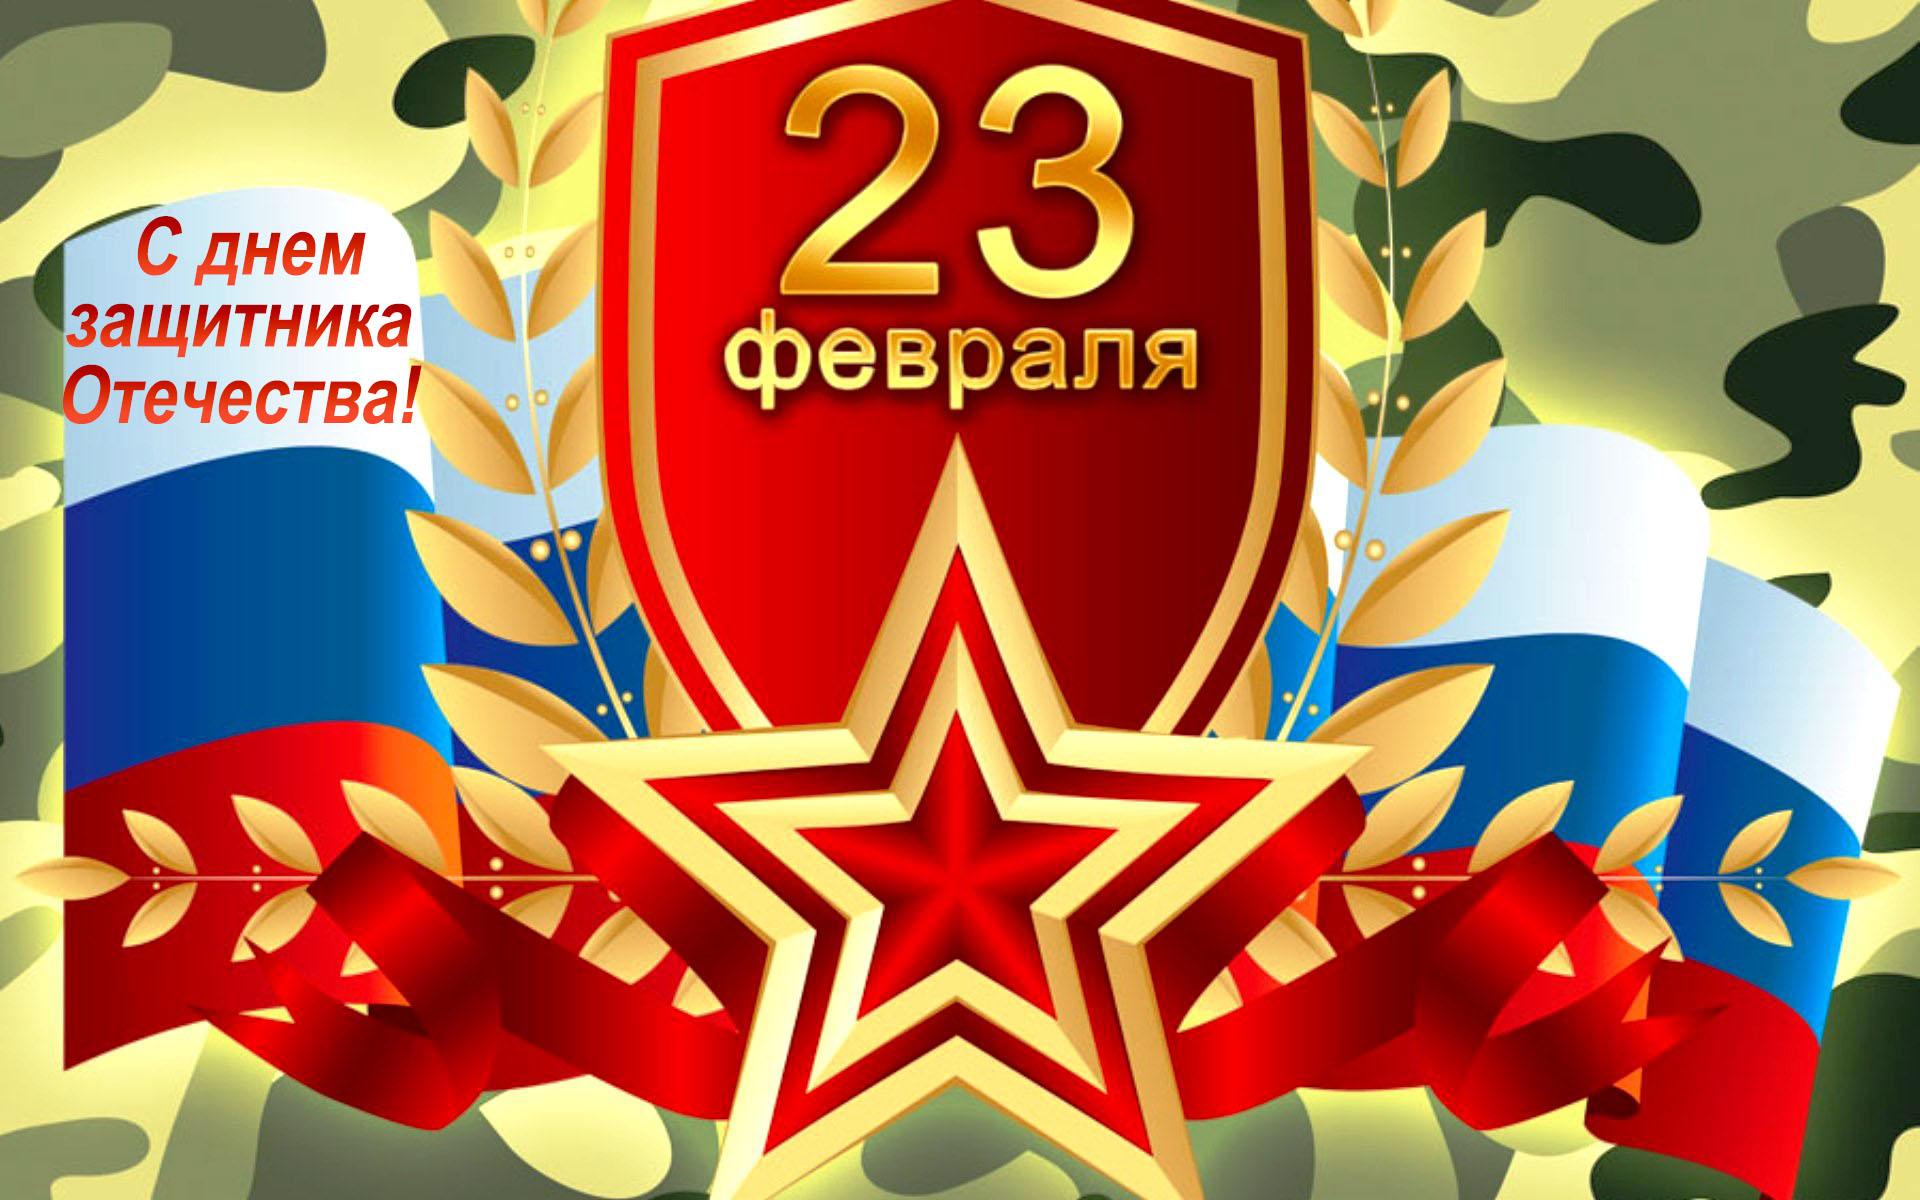 kartinki24_ru_februaru_23_44.jpg